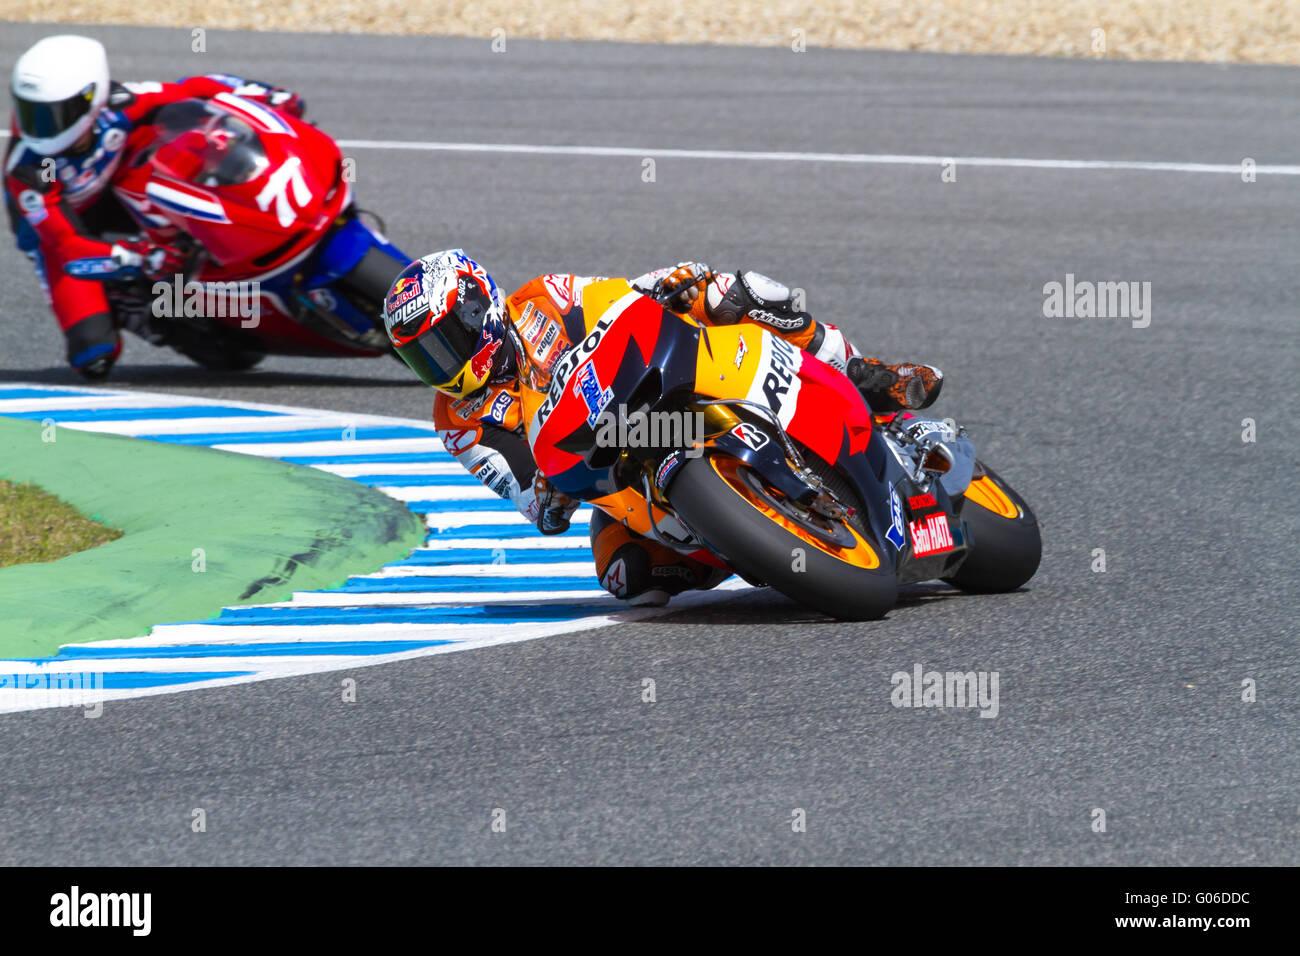 Stoner e Ellison i piloti della MotoGP Immagini Stock